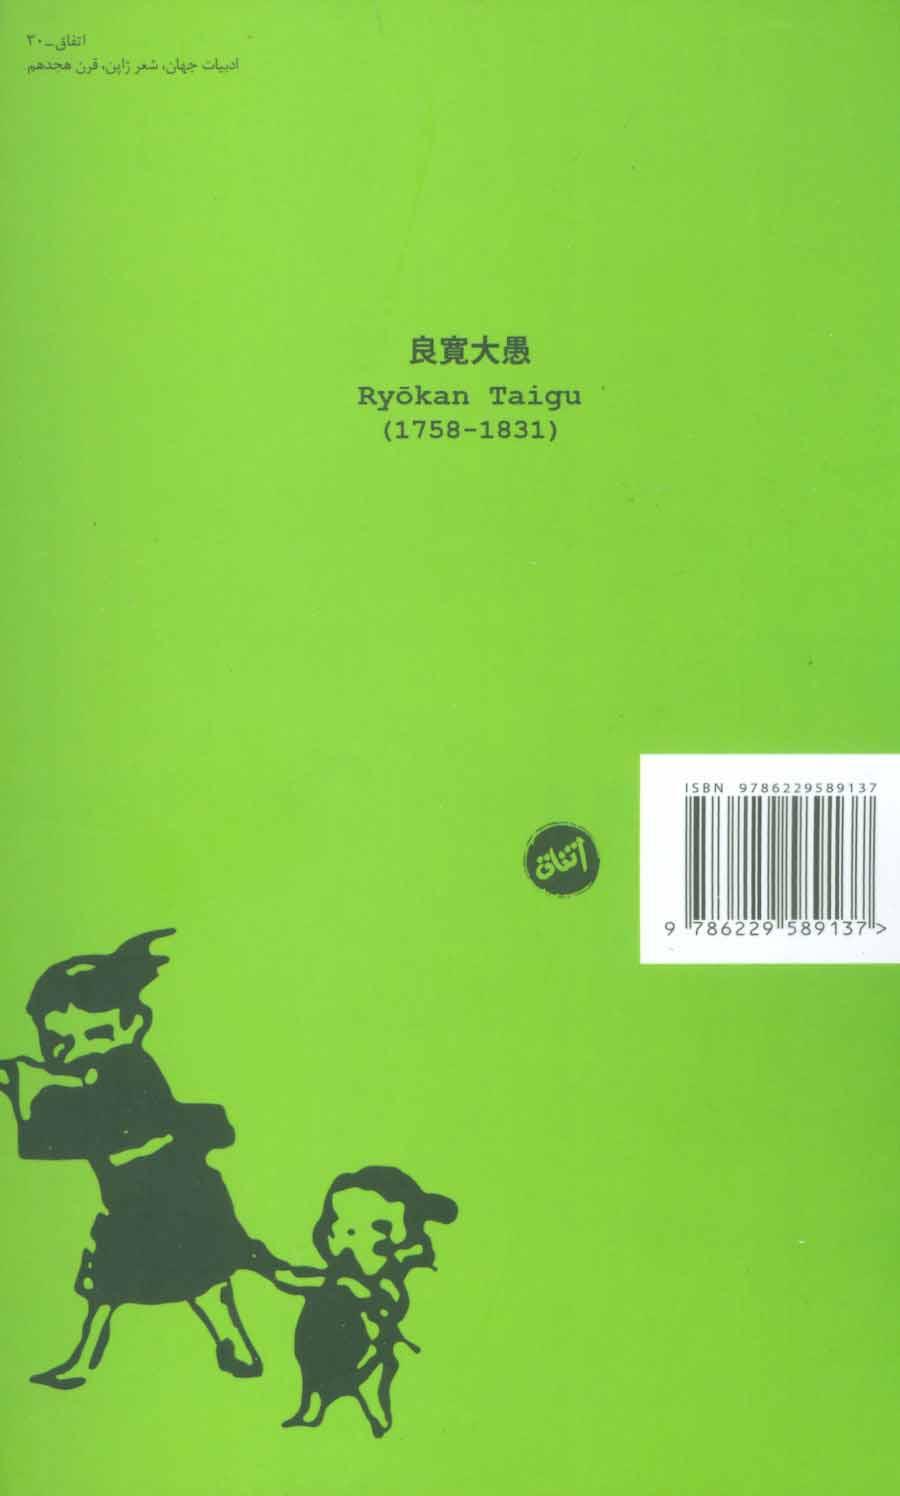 شیفته گونه ی بزرگ (فرهنگ و هنر ژاپن 5)